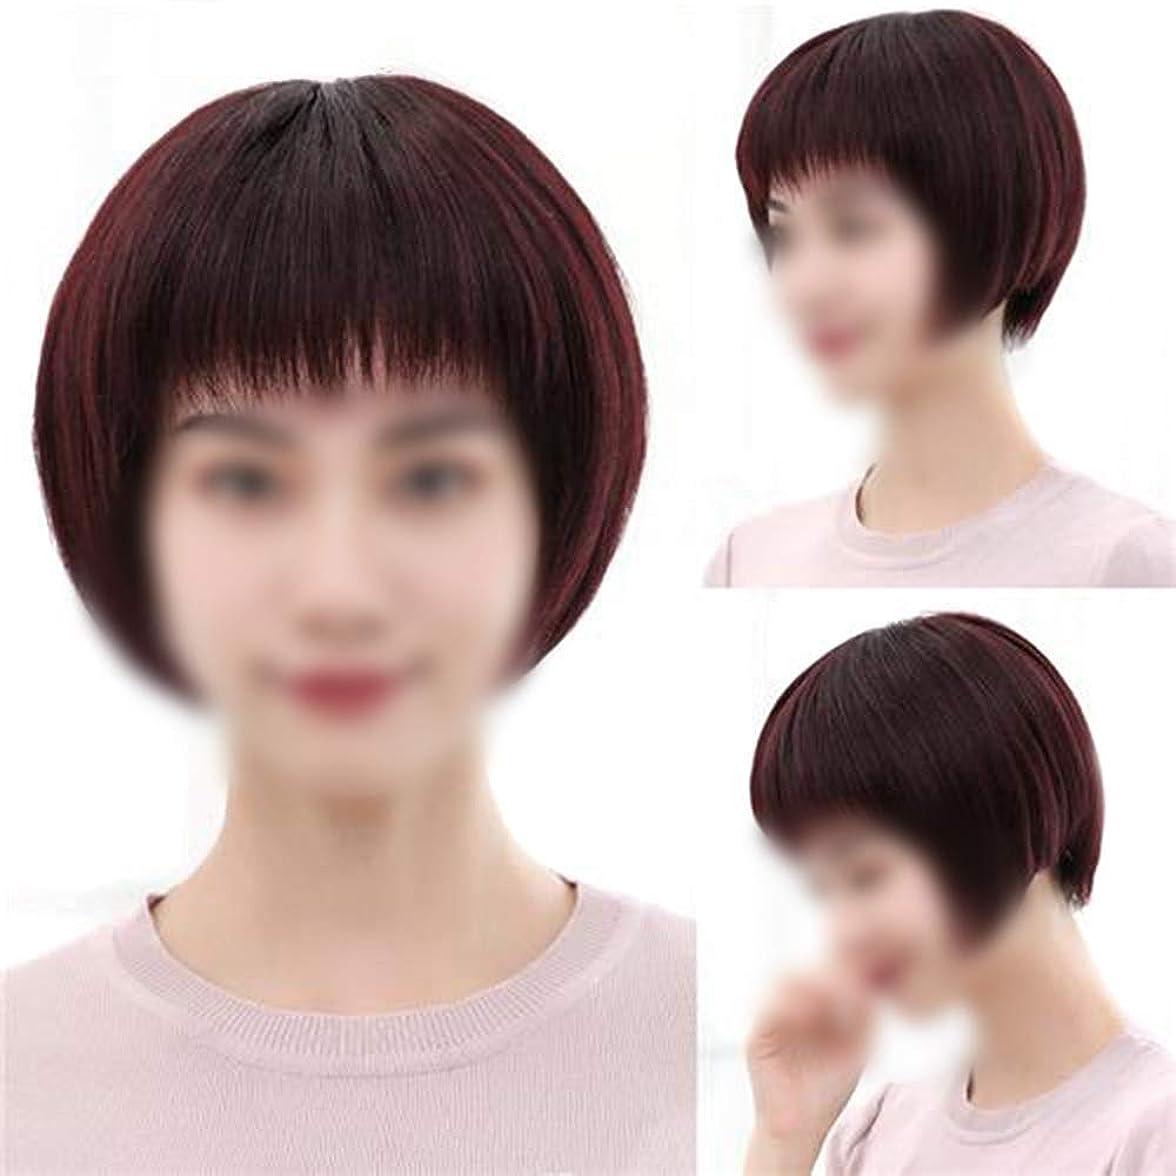 空アイロニー素晴らしい良い多くのHOHYLLYA ボブショートストレートヘアフルハンドウィッグリアルヘアウィッグ中年ウィッグファッションウィッグ (色 : Dark brown)